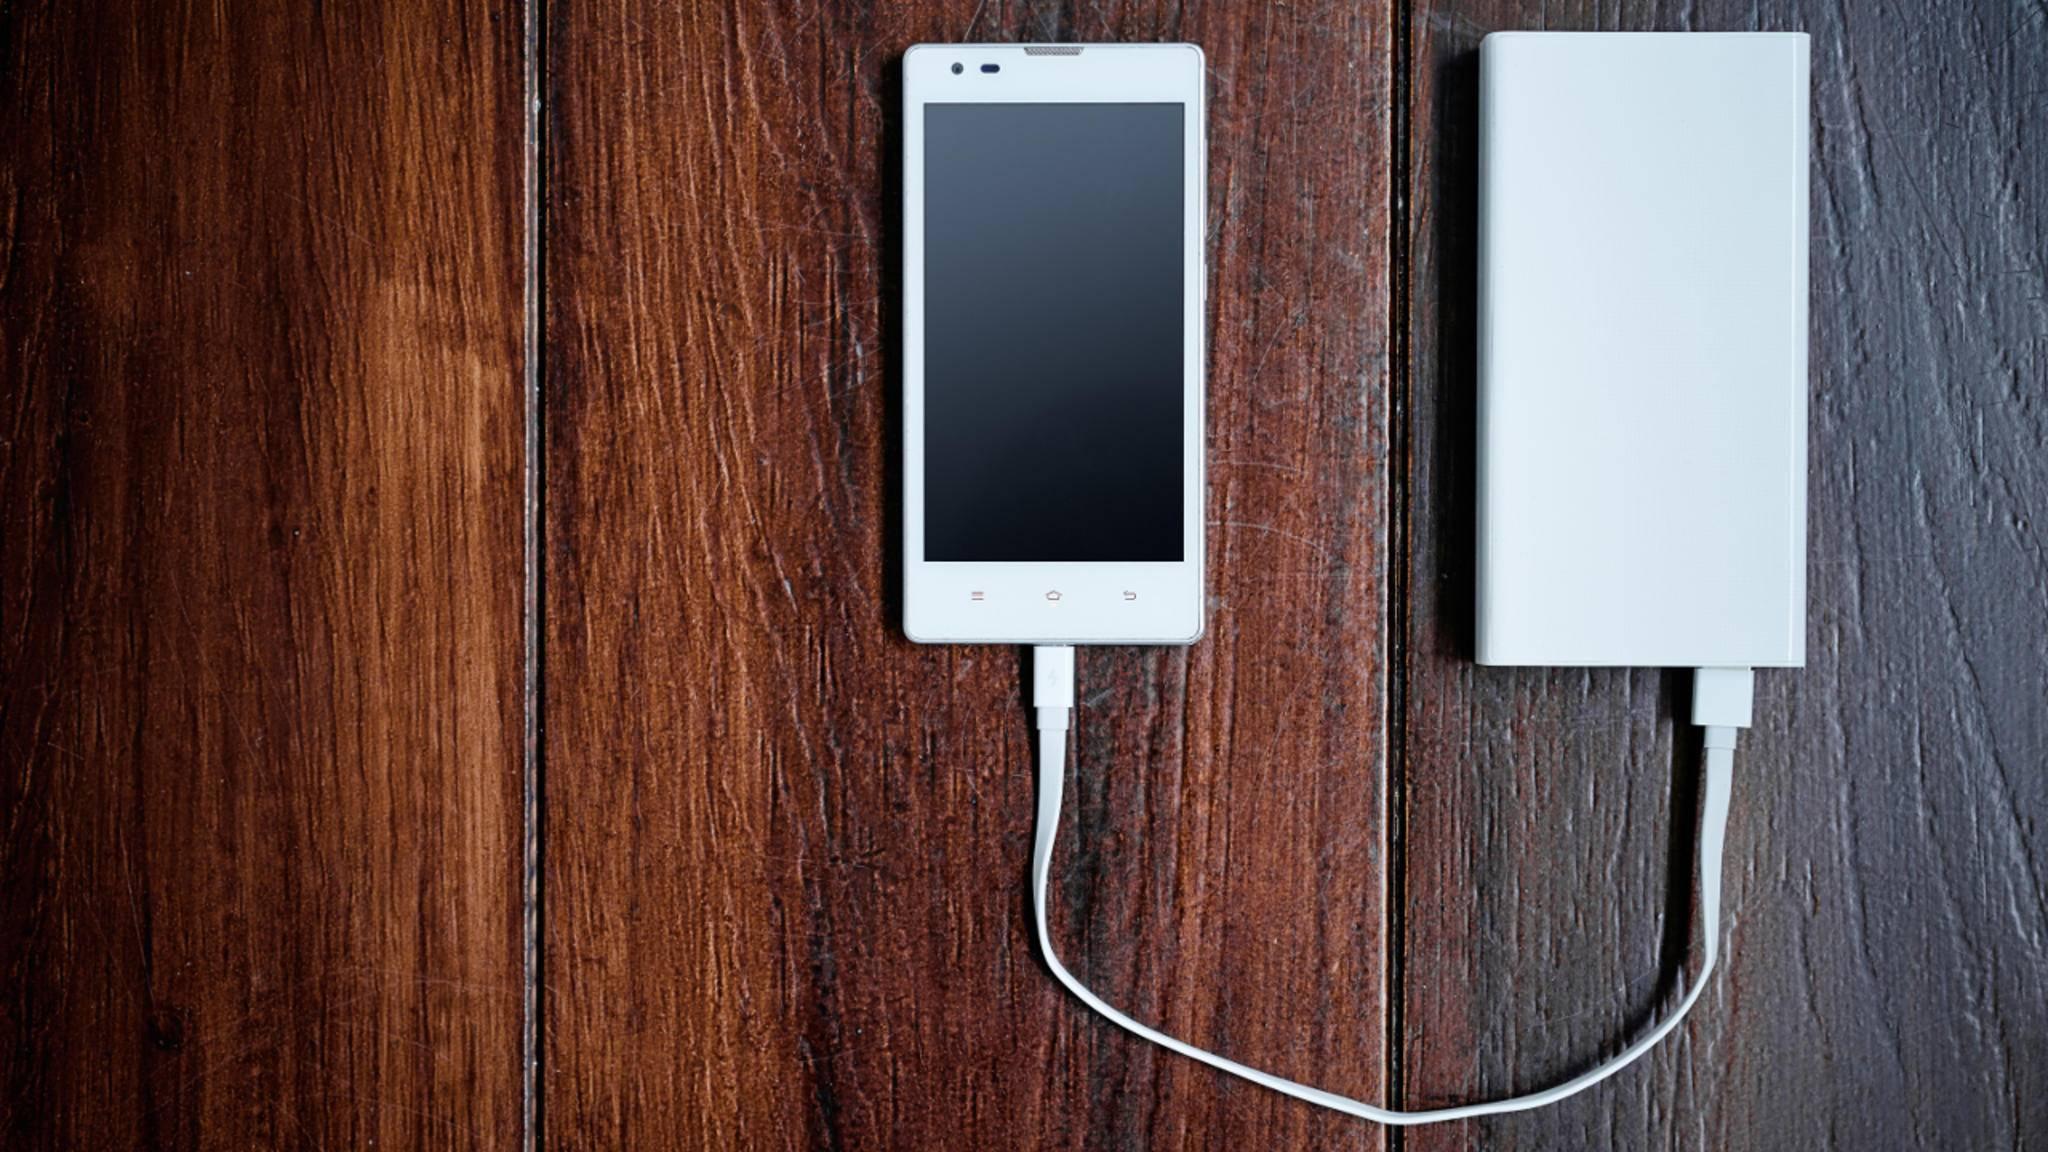 Damit die Powerbank das Smartphone versorgen kann, muss sie natürlich vorher selber korrekt aufgeladen werden.